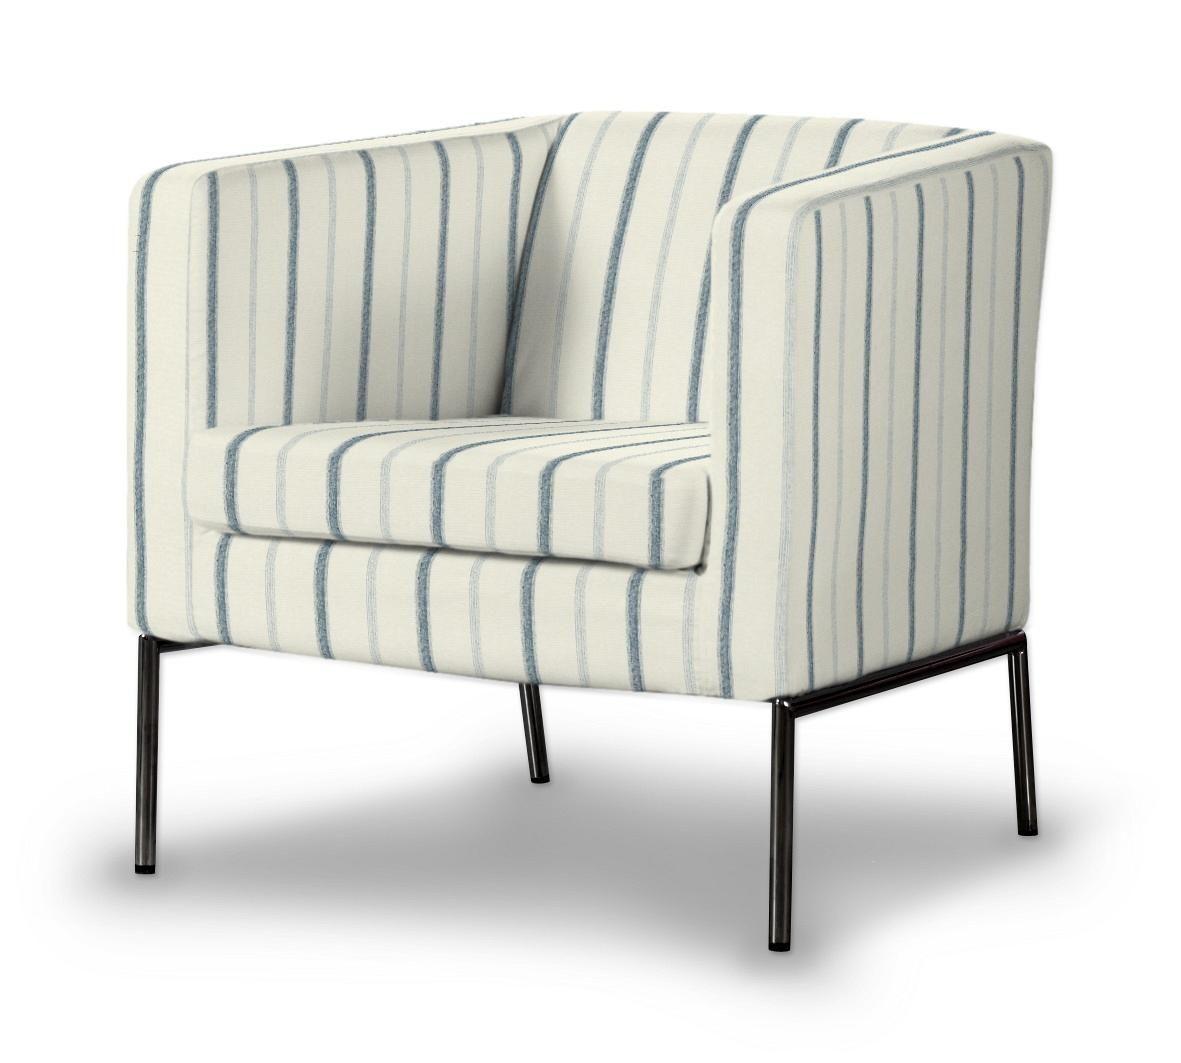 Verschiedene Designer Fernsehsessel Das Beste Von Einzel Sessel Design | Sessel Möbel |